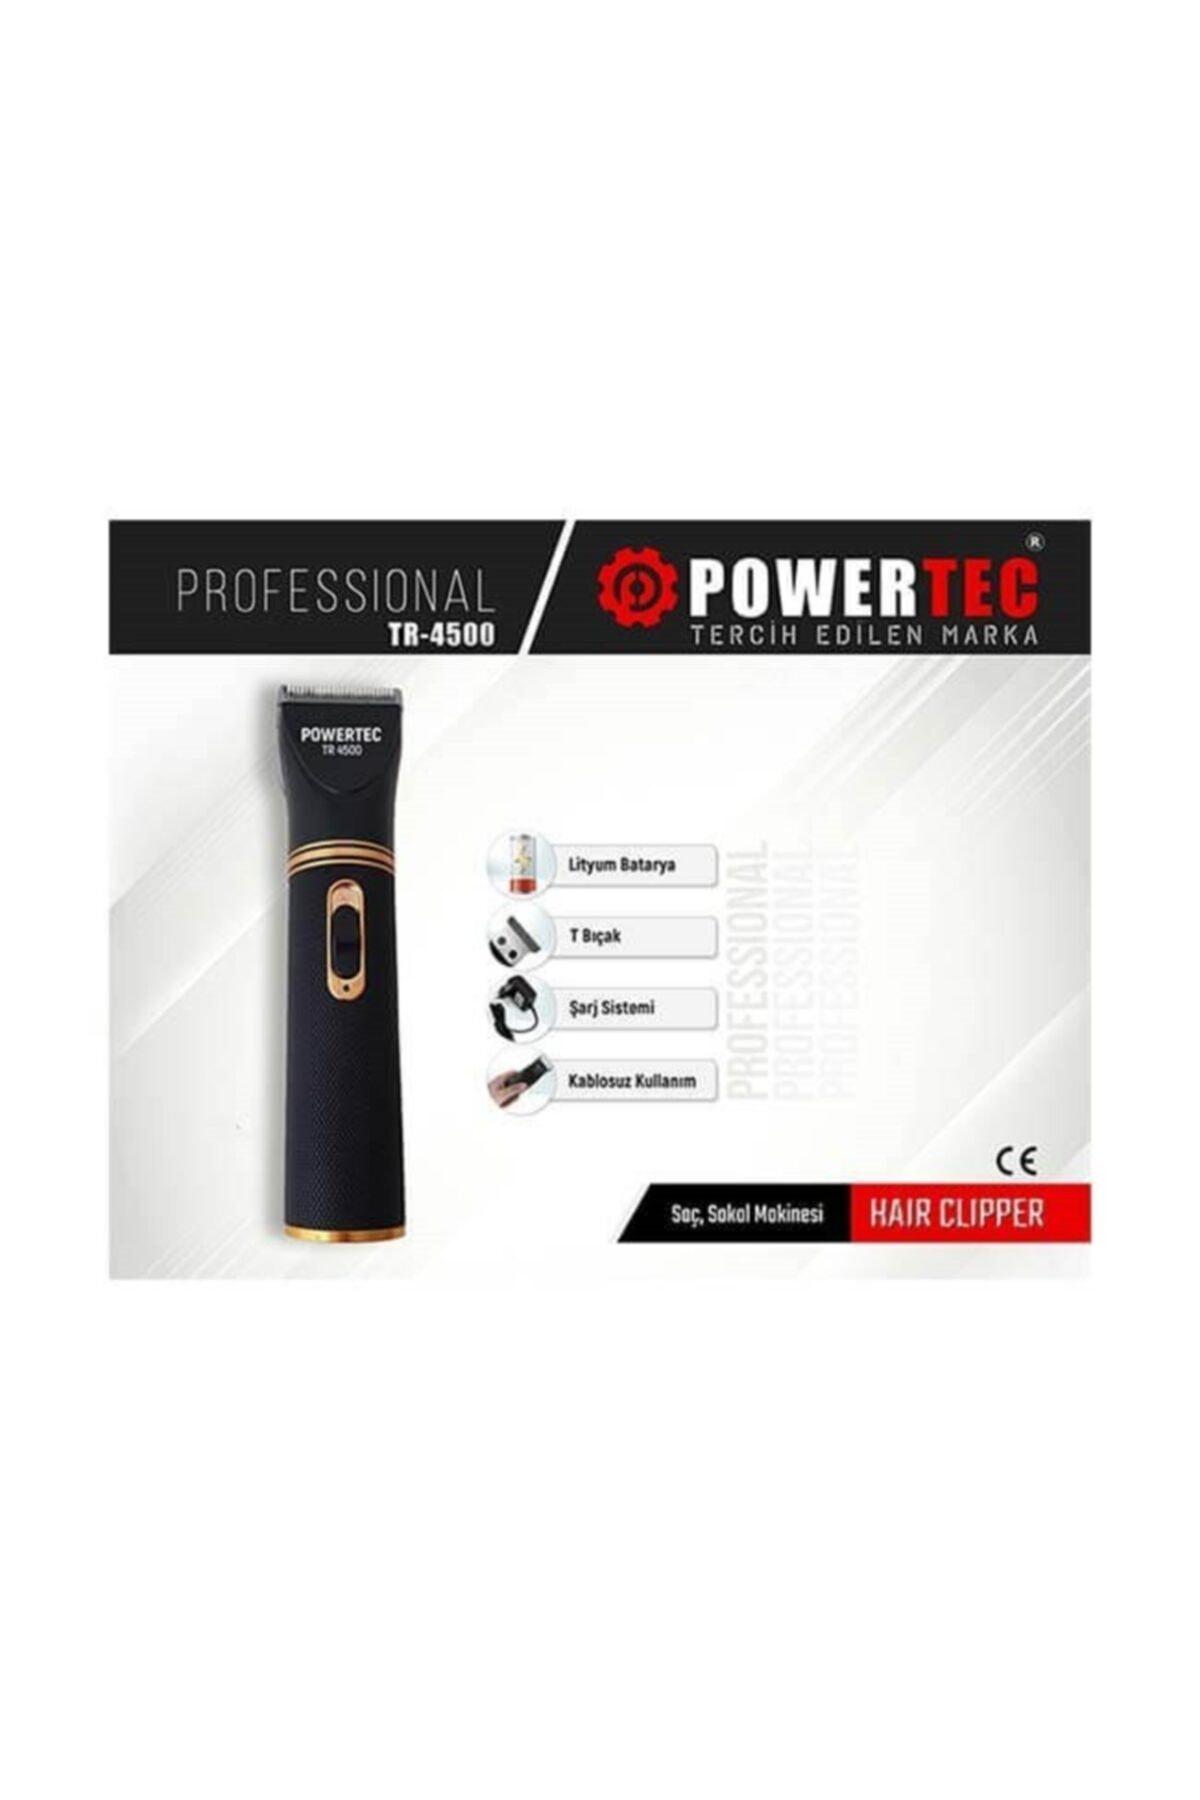 Powertec Tr-4500 Profesyonel Saç Sakal Makinesi Fiyatı, Yorumları - TRENDYOL